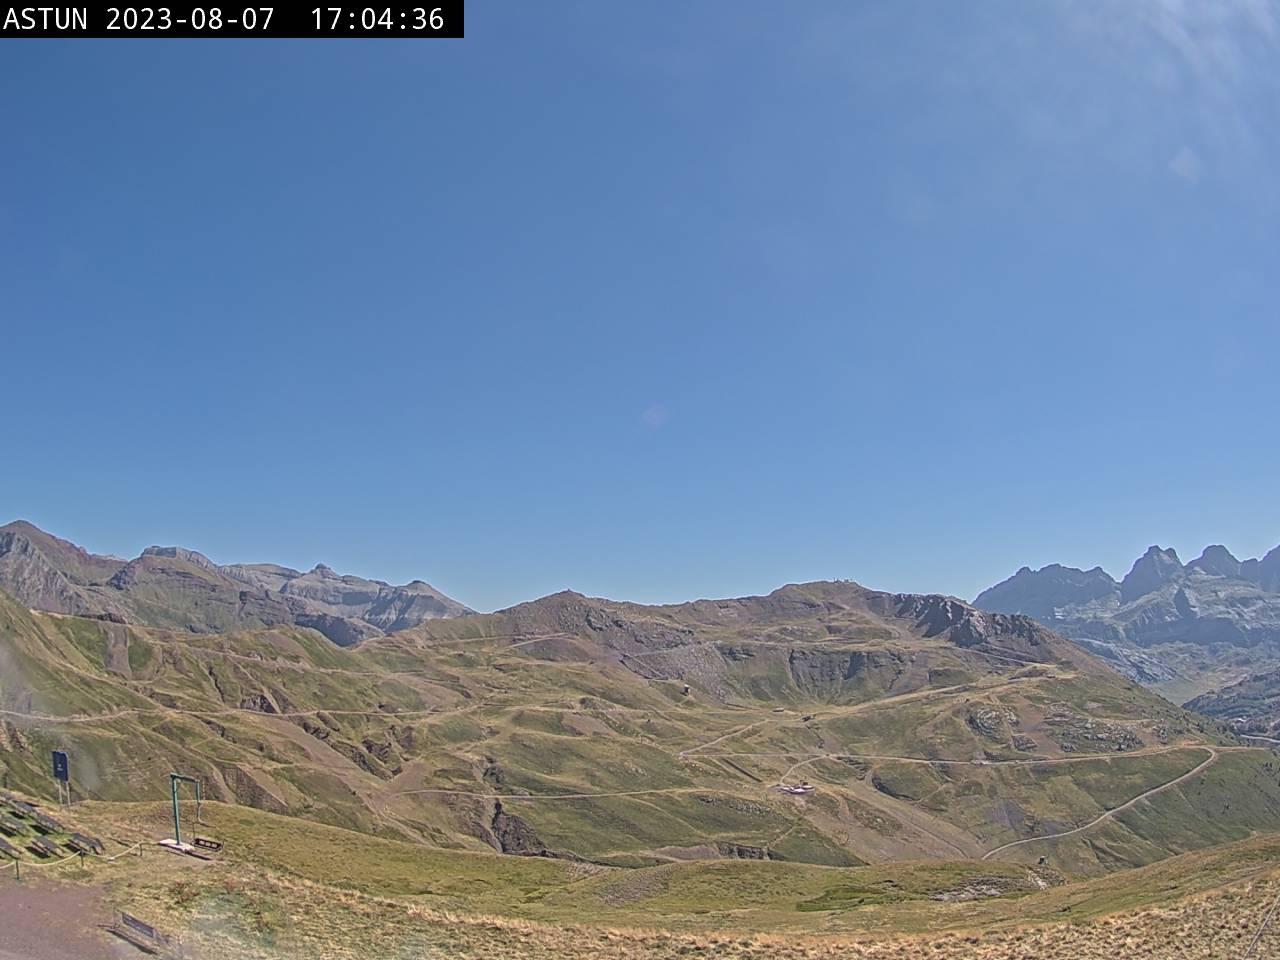 Webcam à Truchas